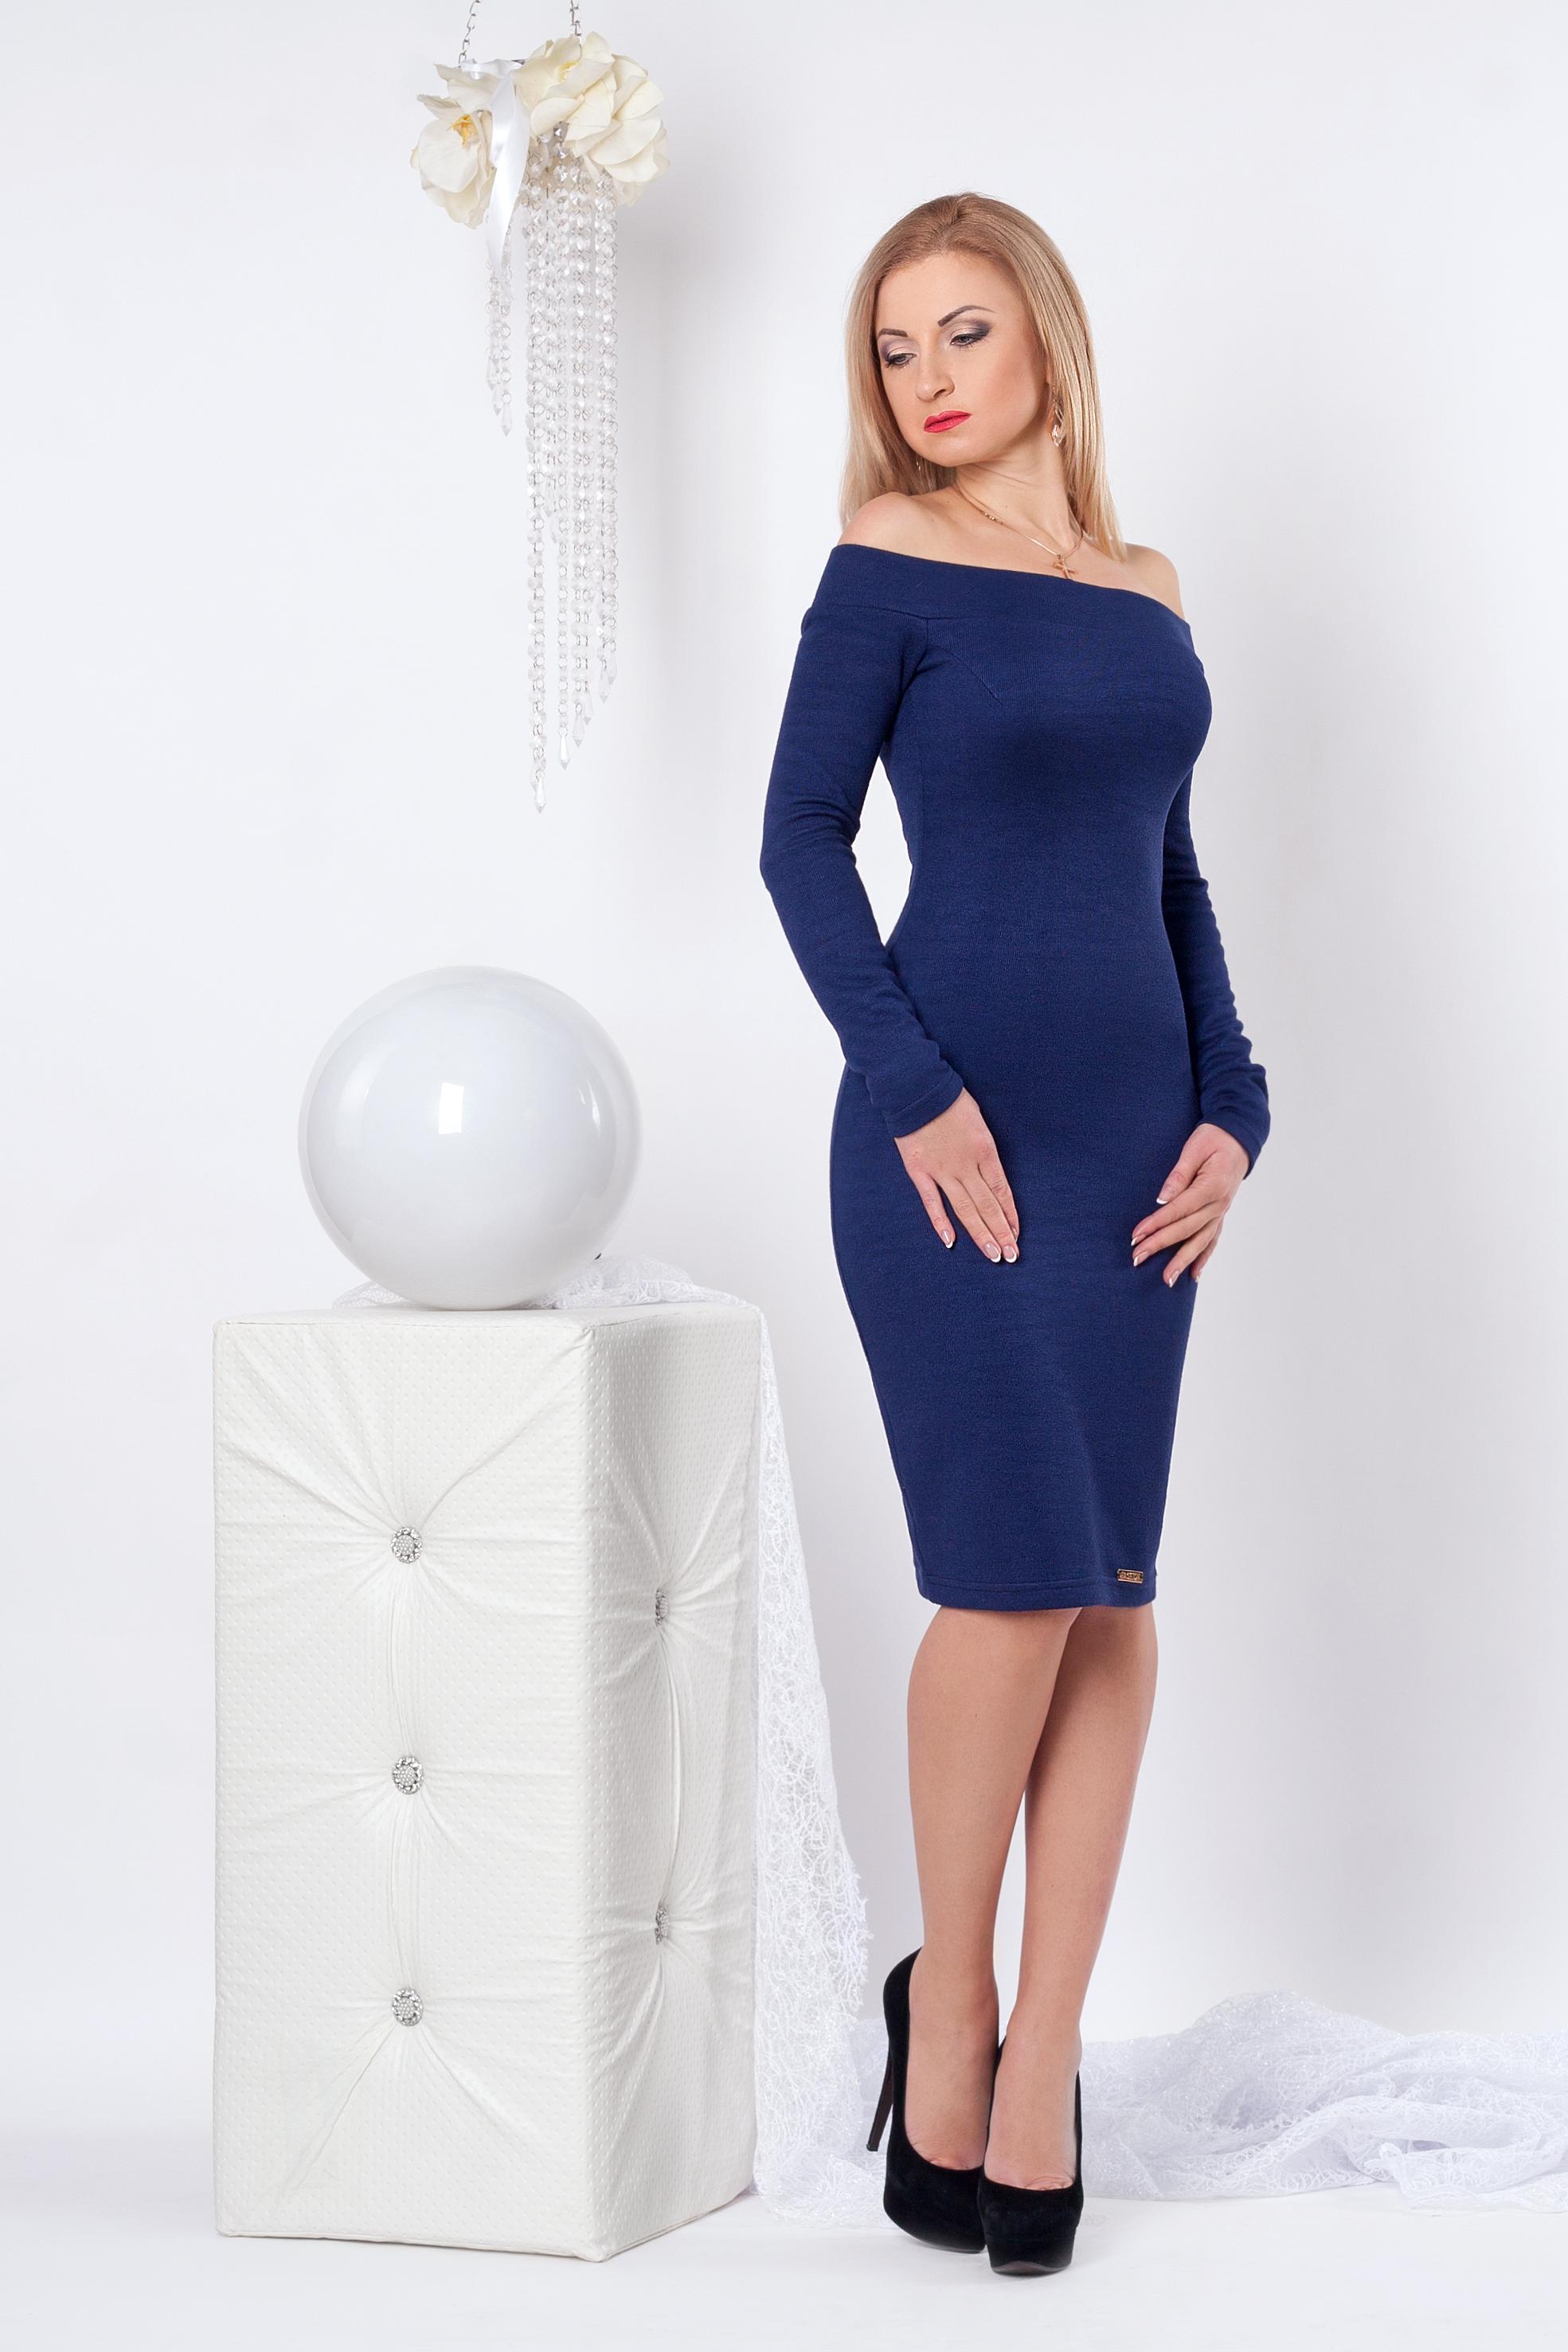 Приталенное женское платье 963 - Фотогалерея стильной одежды ... e8e07847c1c42